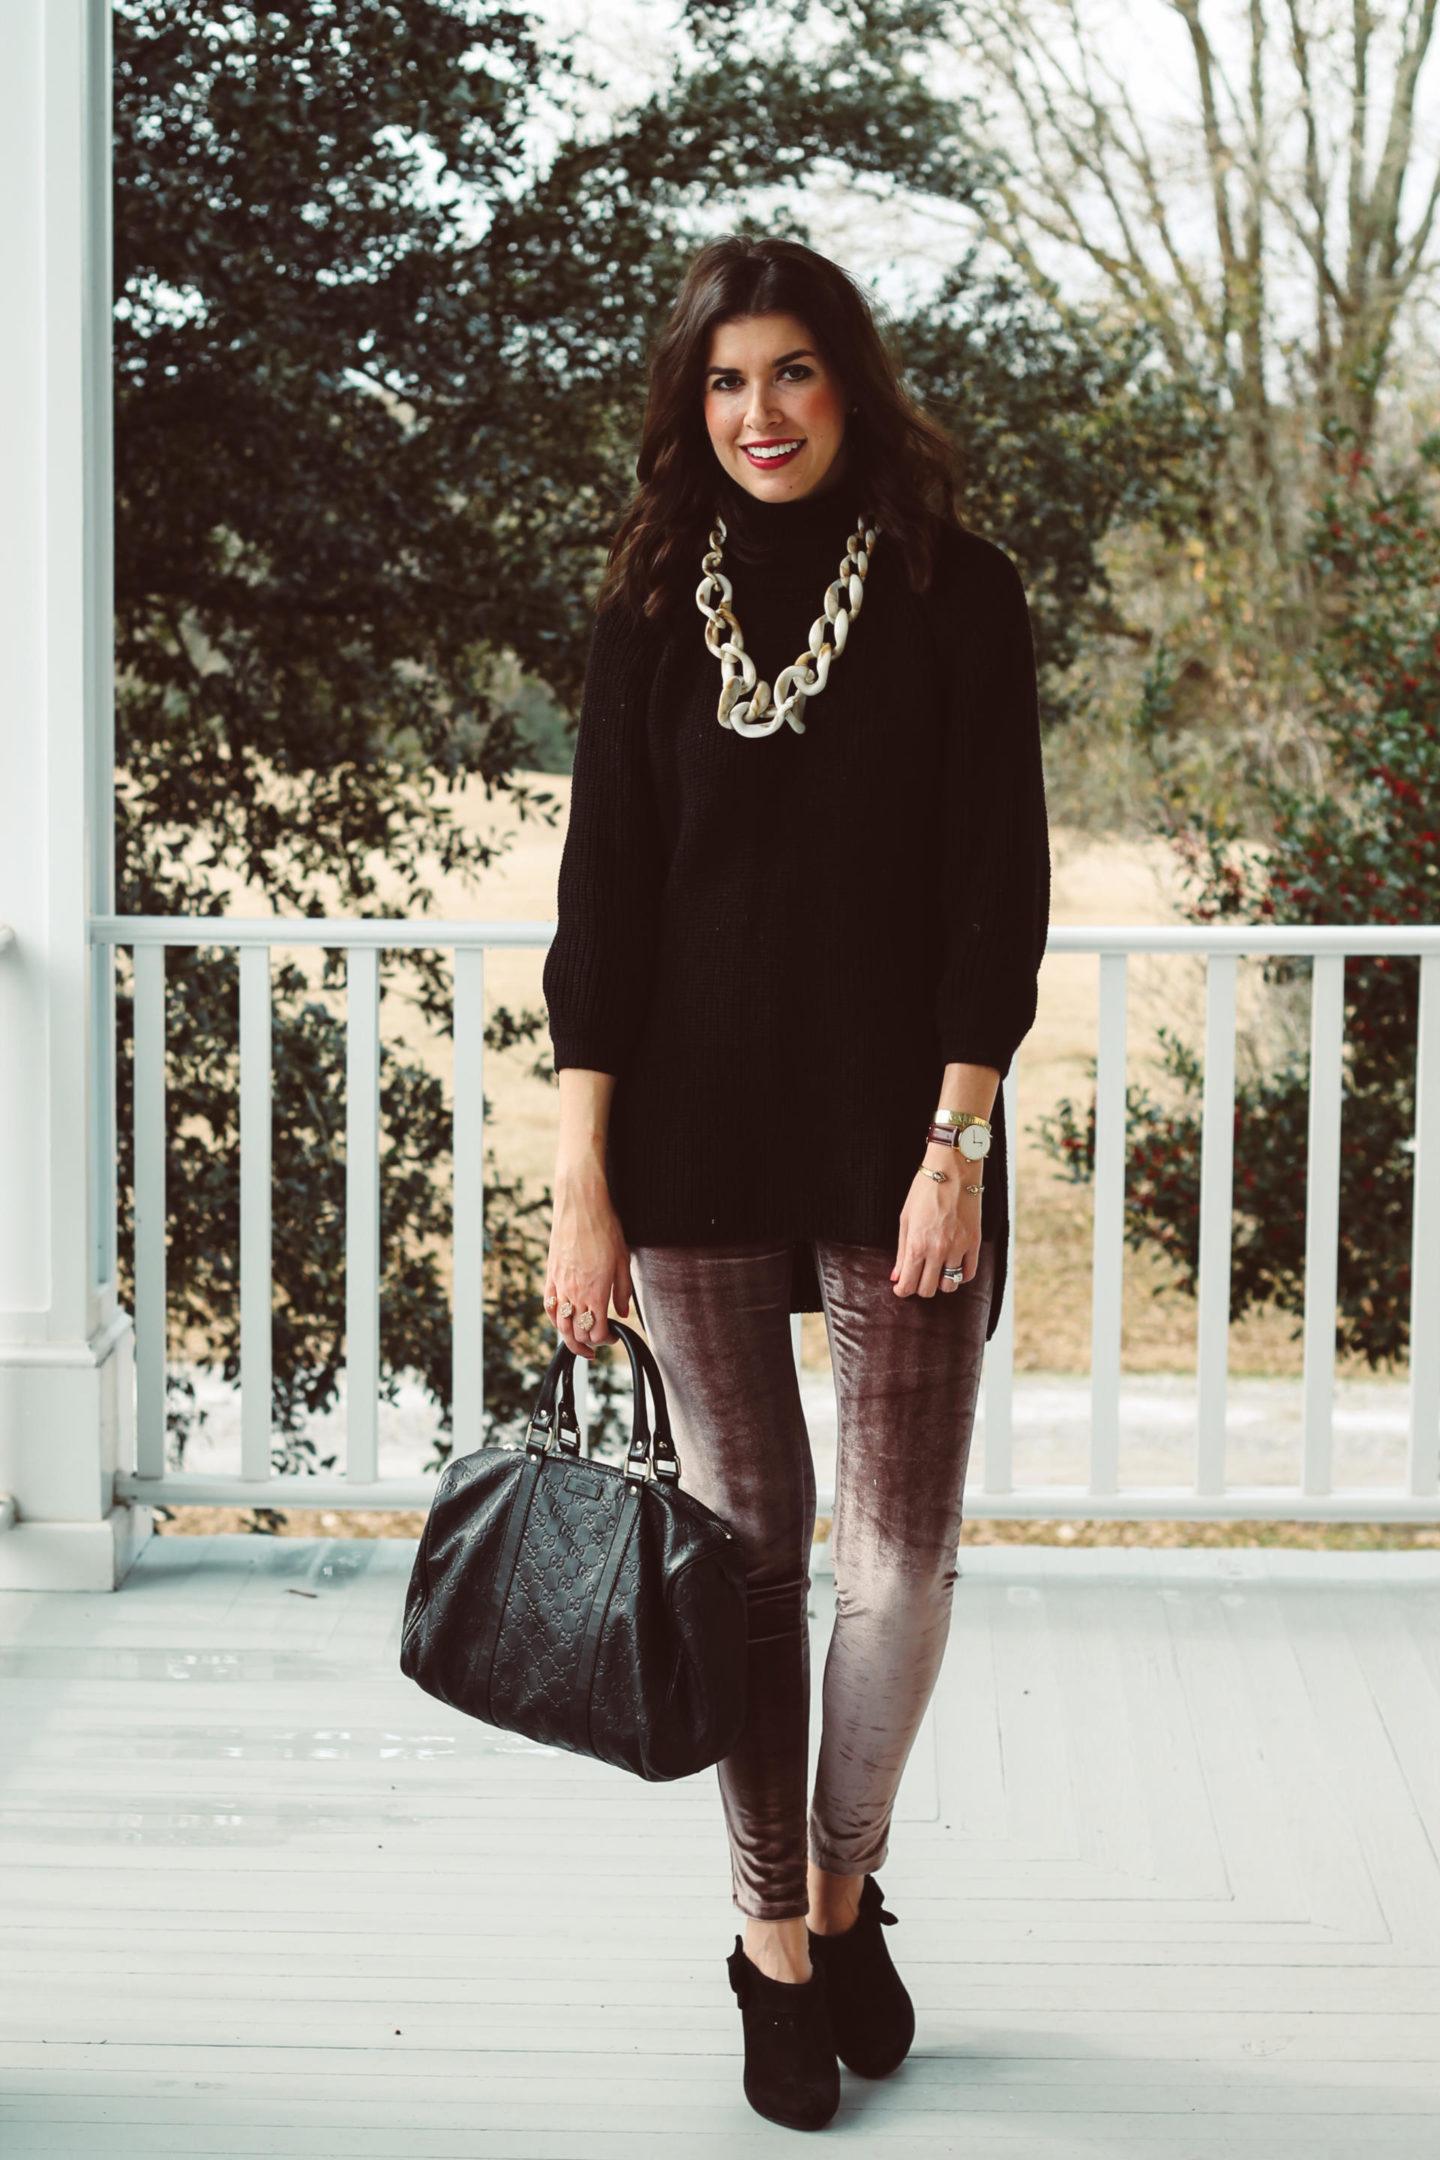 How To Wear Velvet Leggings For Valentine's Day